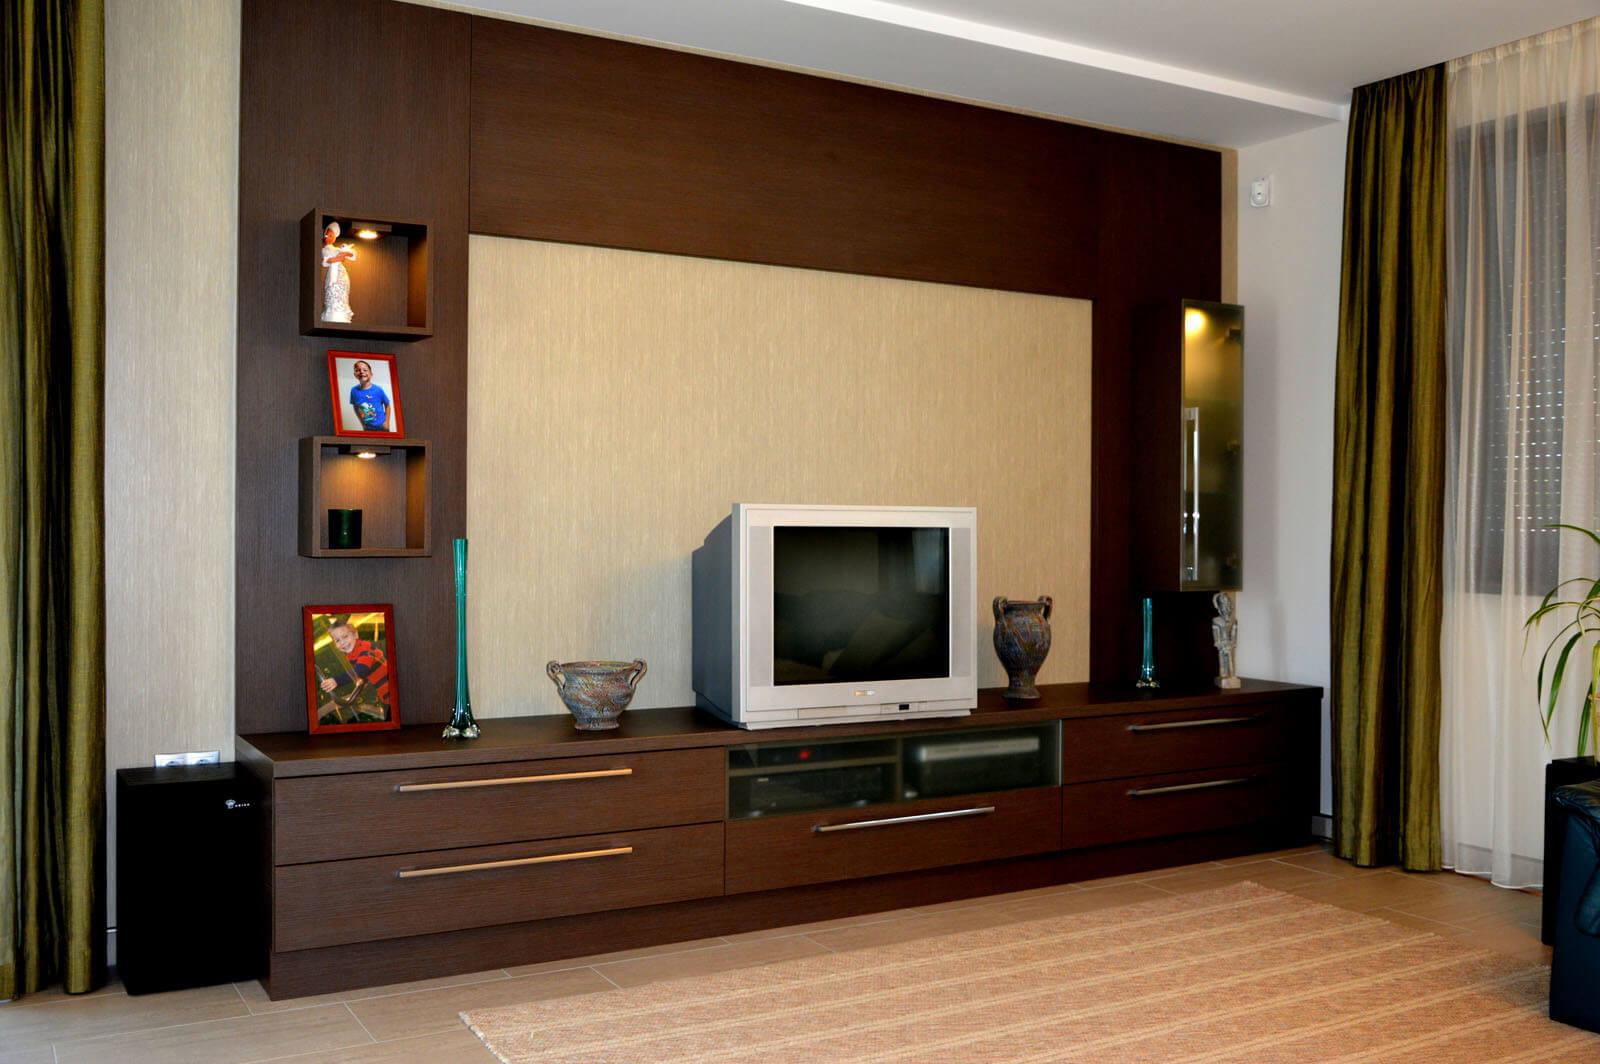 Egyedi nappali bútor készítés tv körbeépítésével, rejtett spotlámpa világítással